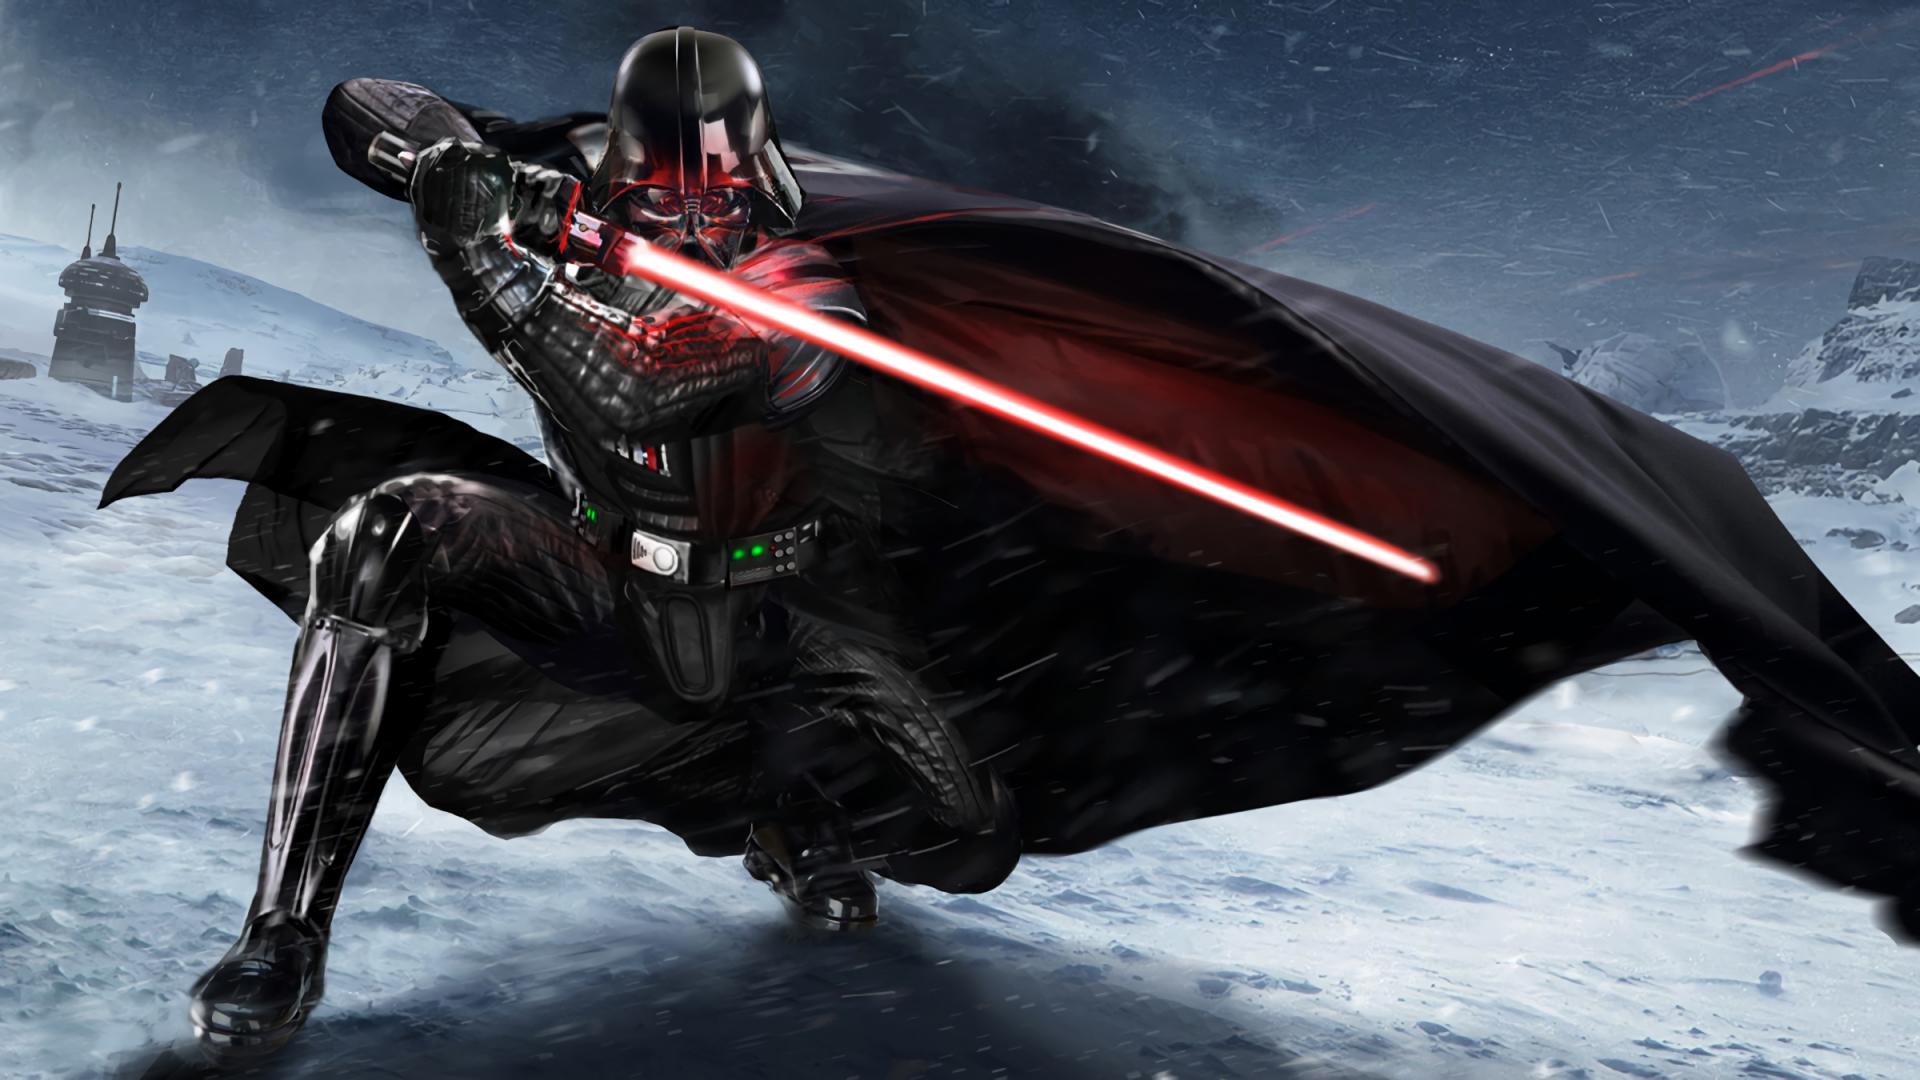 Darth Vader Lightsaber Star Wars Artwork Cape Hd Wallpaper Star Wars Darth Vader 1366x768 Download Hd Wallpaper Wallpapertip